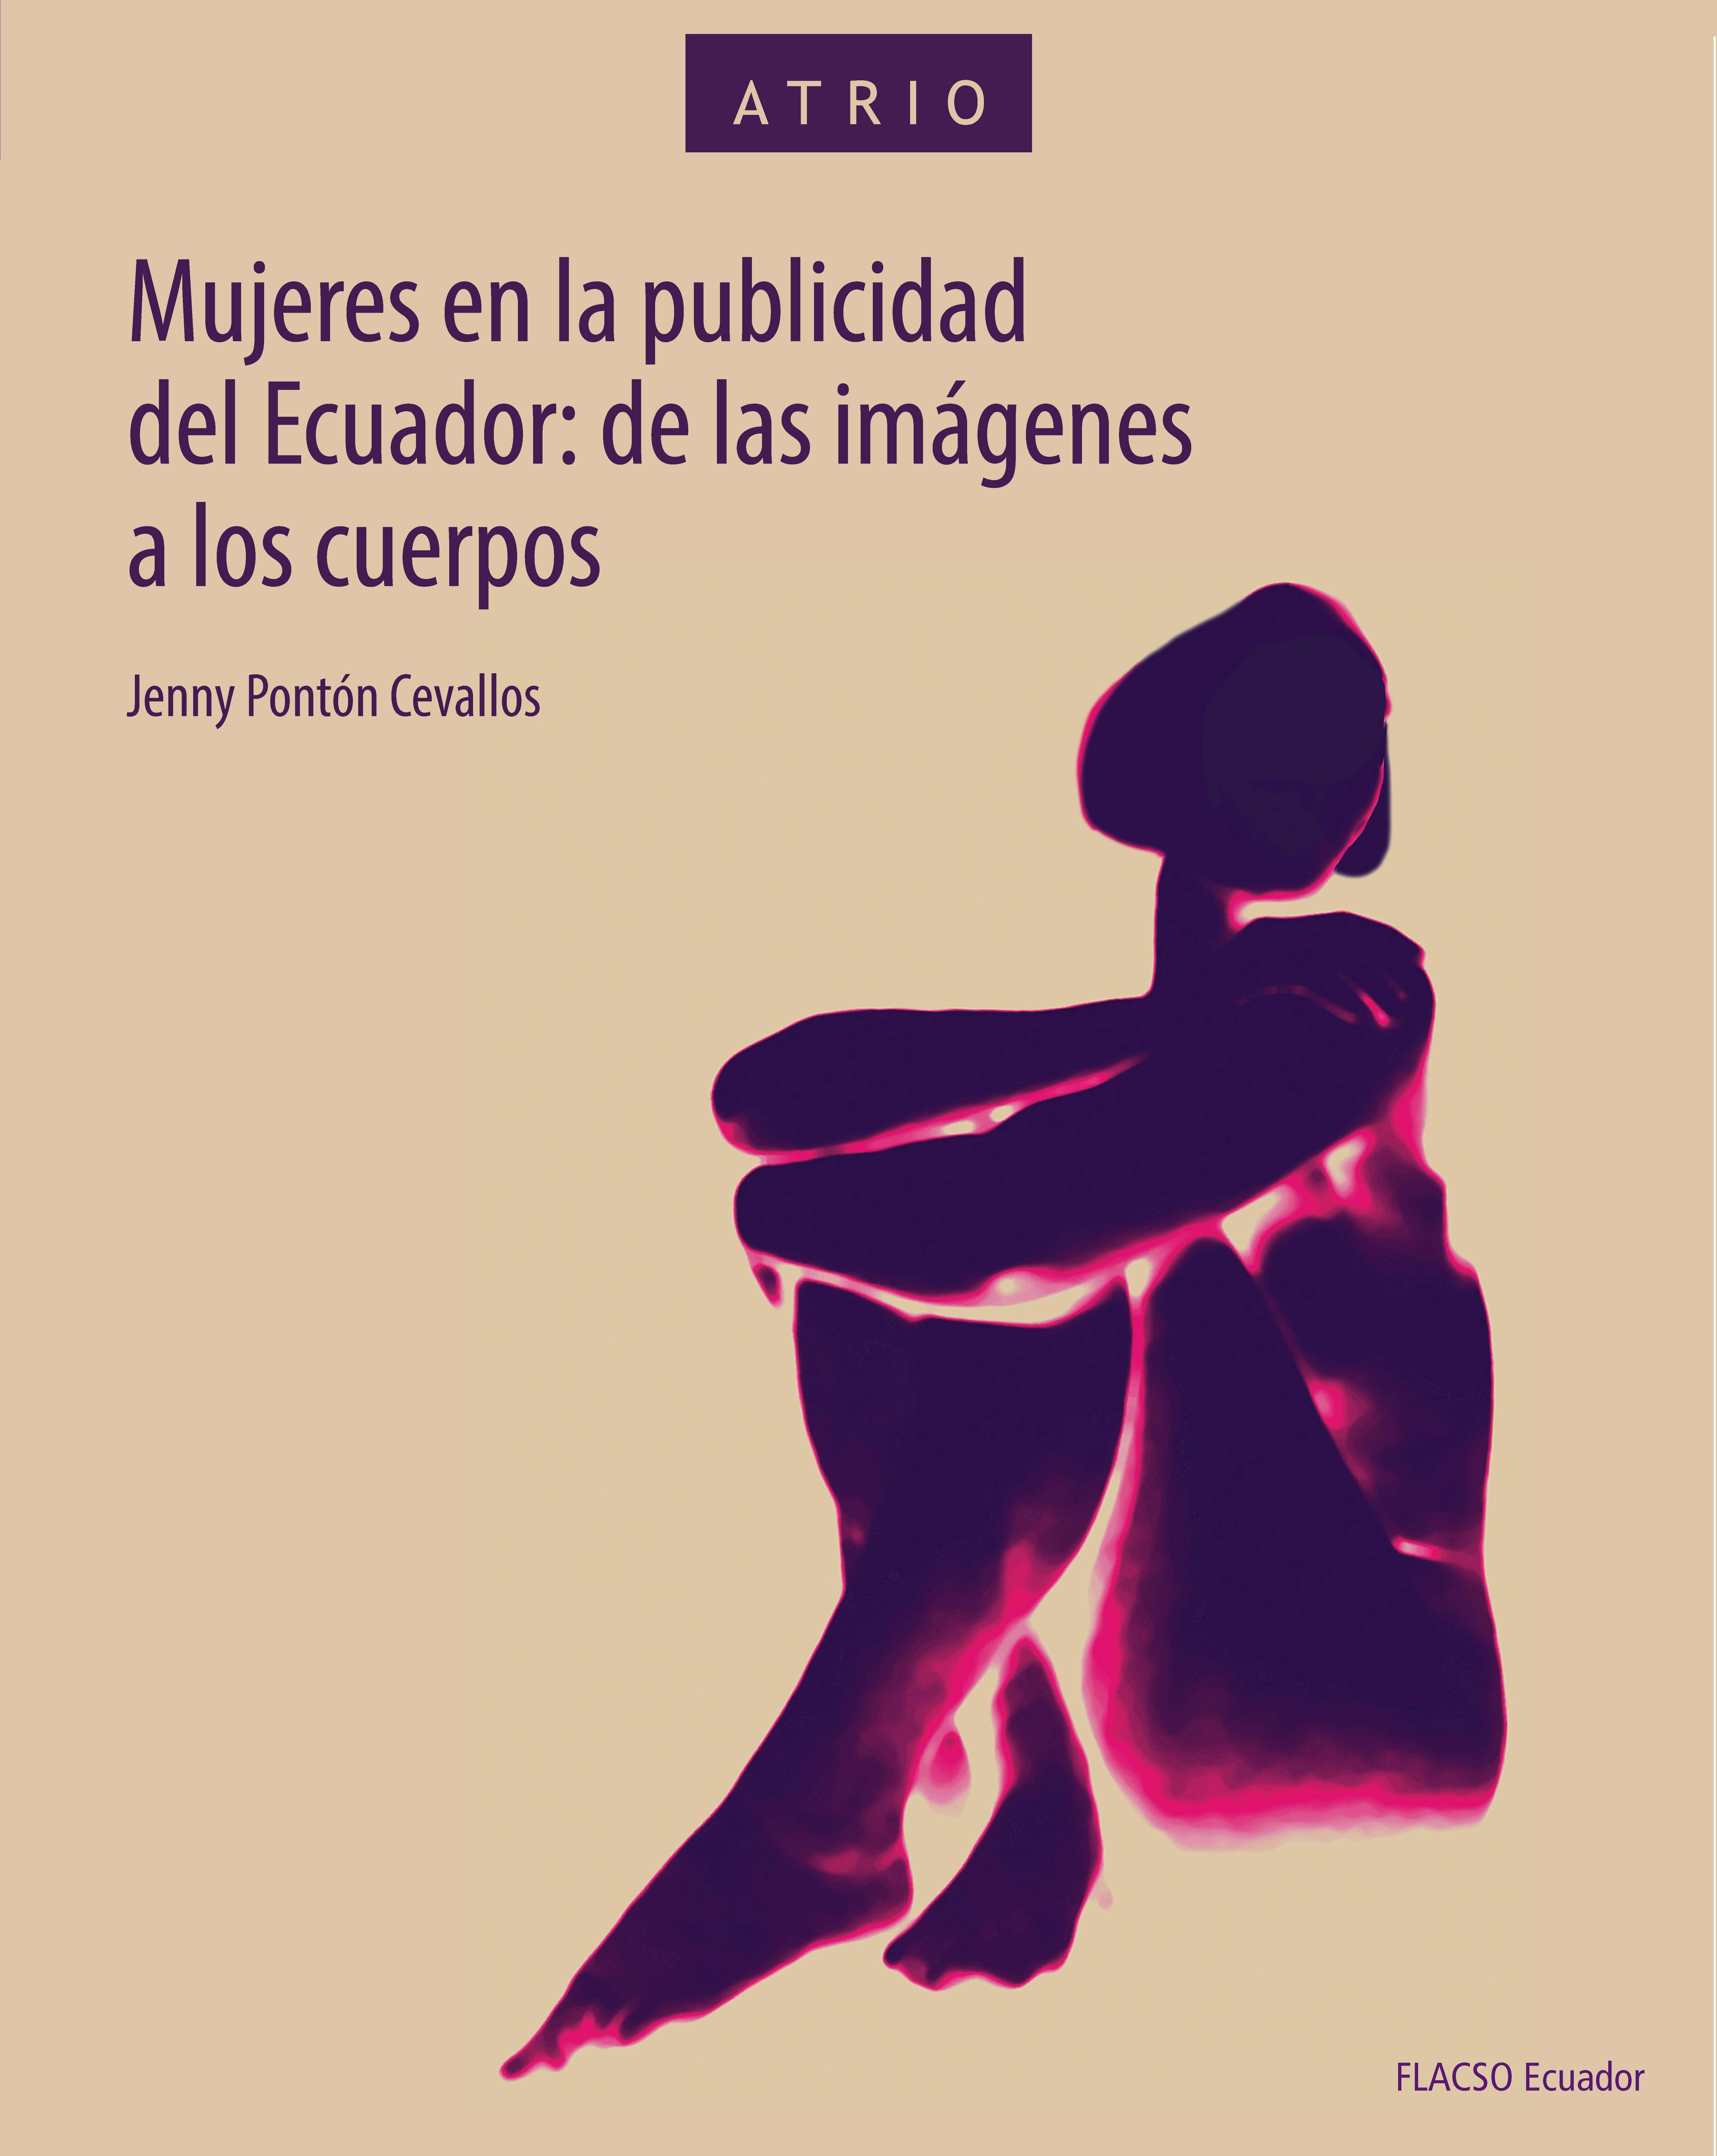 Mujeres en la publicidad del Ecuador: de las imágenes a los cuerpos